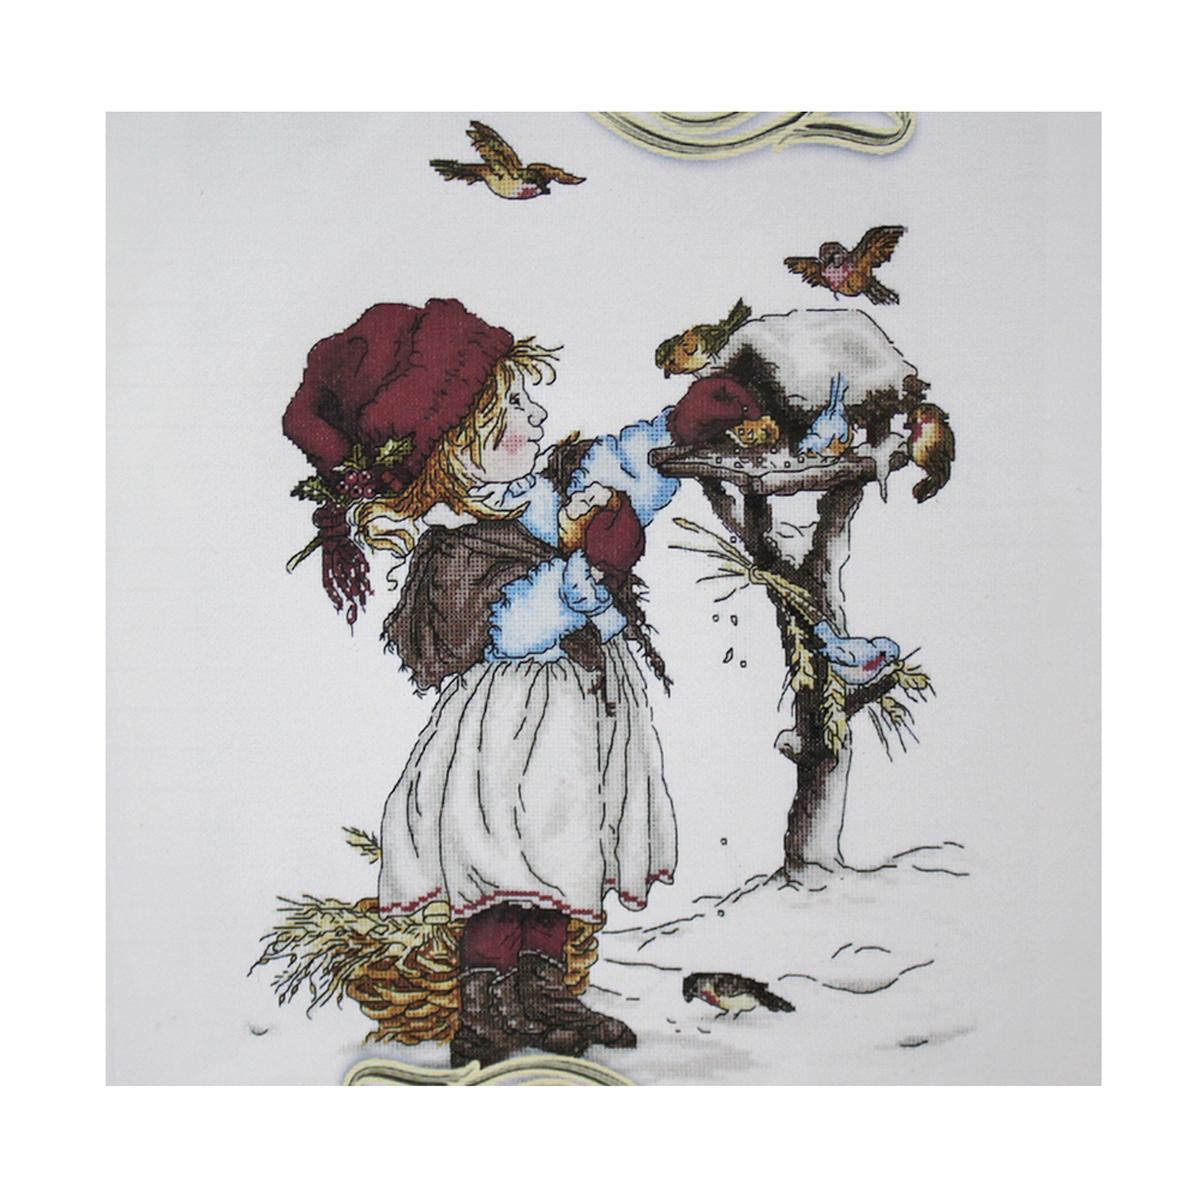 Набор для вышивания Alisena Щедрое угощение, 34 x 27 см486987